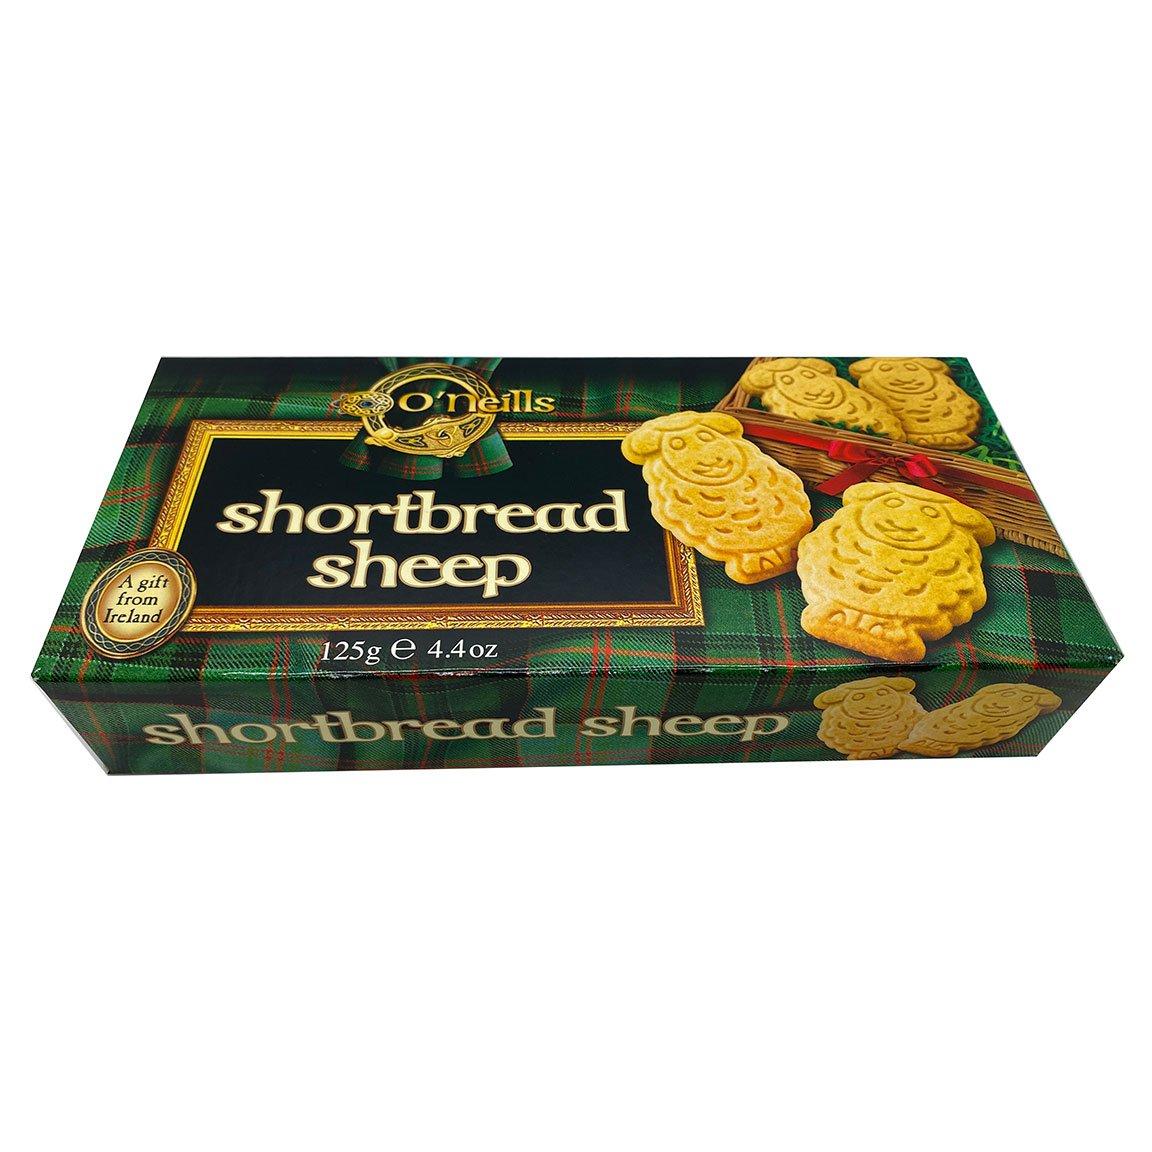 O'Neill's Shortbread Sheep